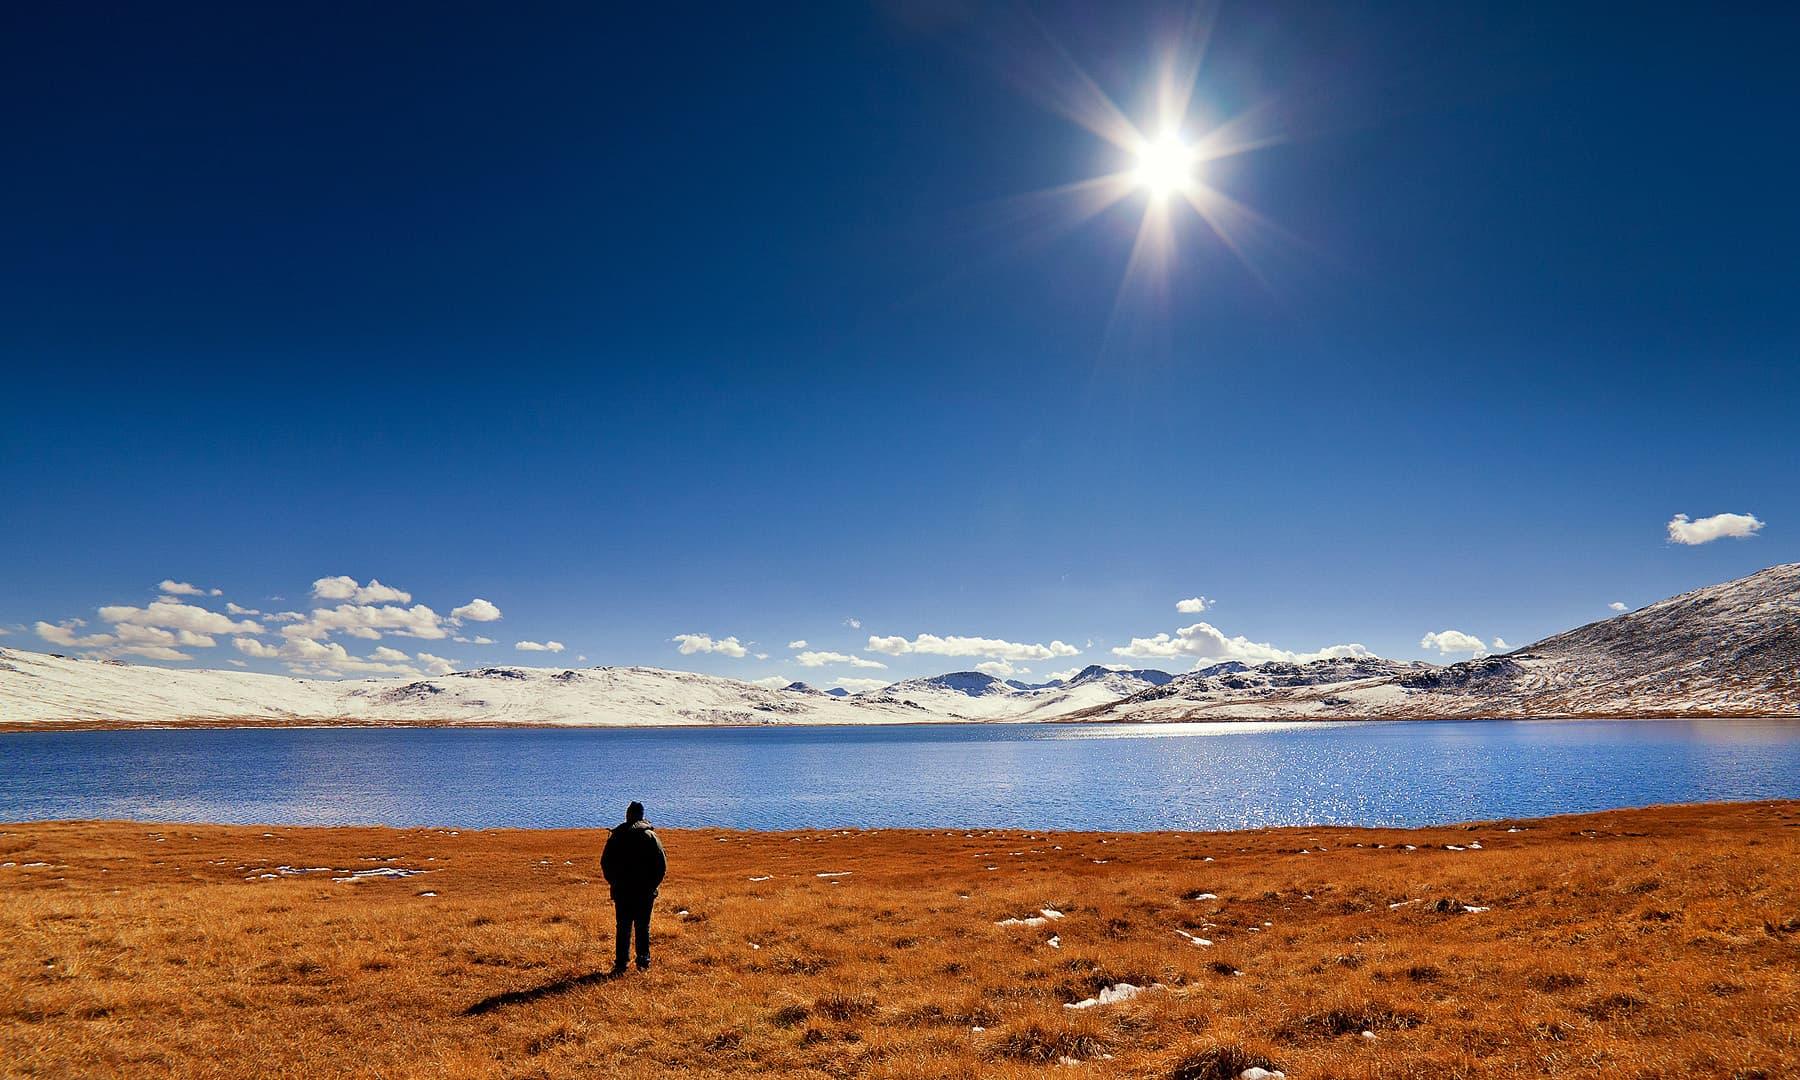 لکھاری اندھی جھیل کے کنارے — فوٹو سید مہدی بخاری